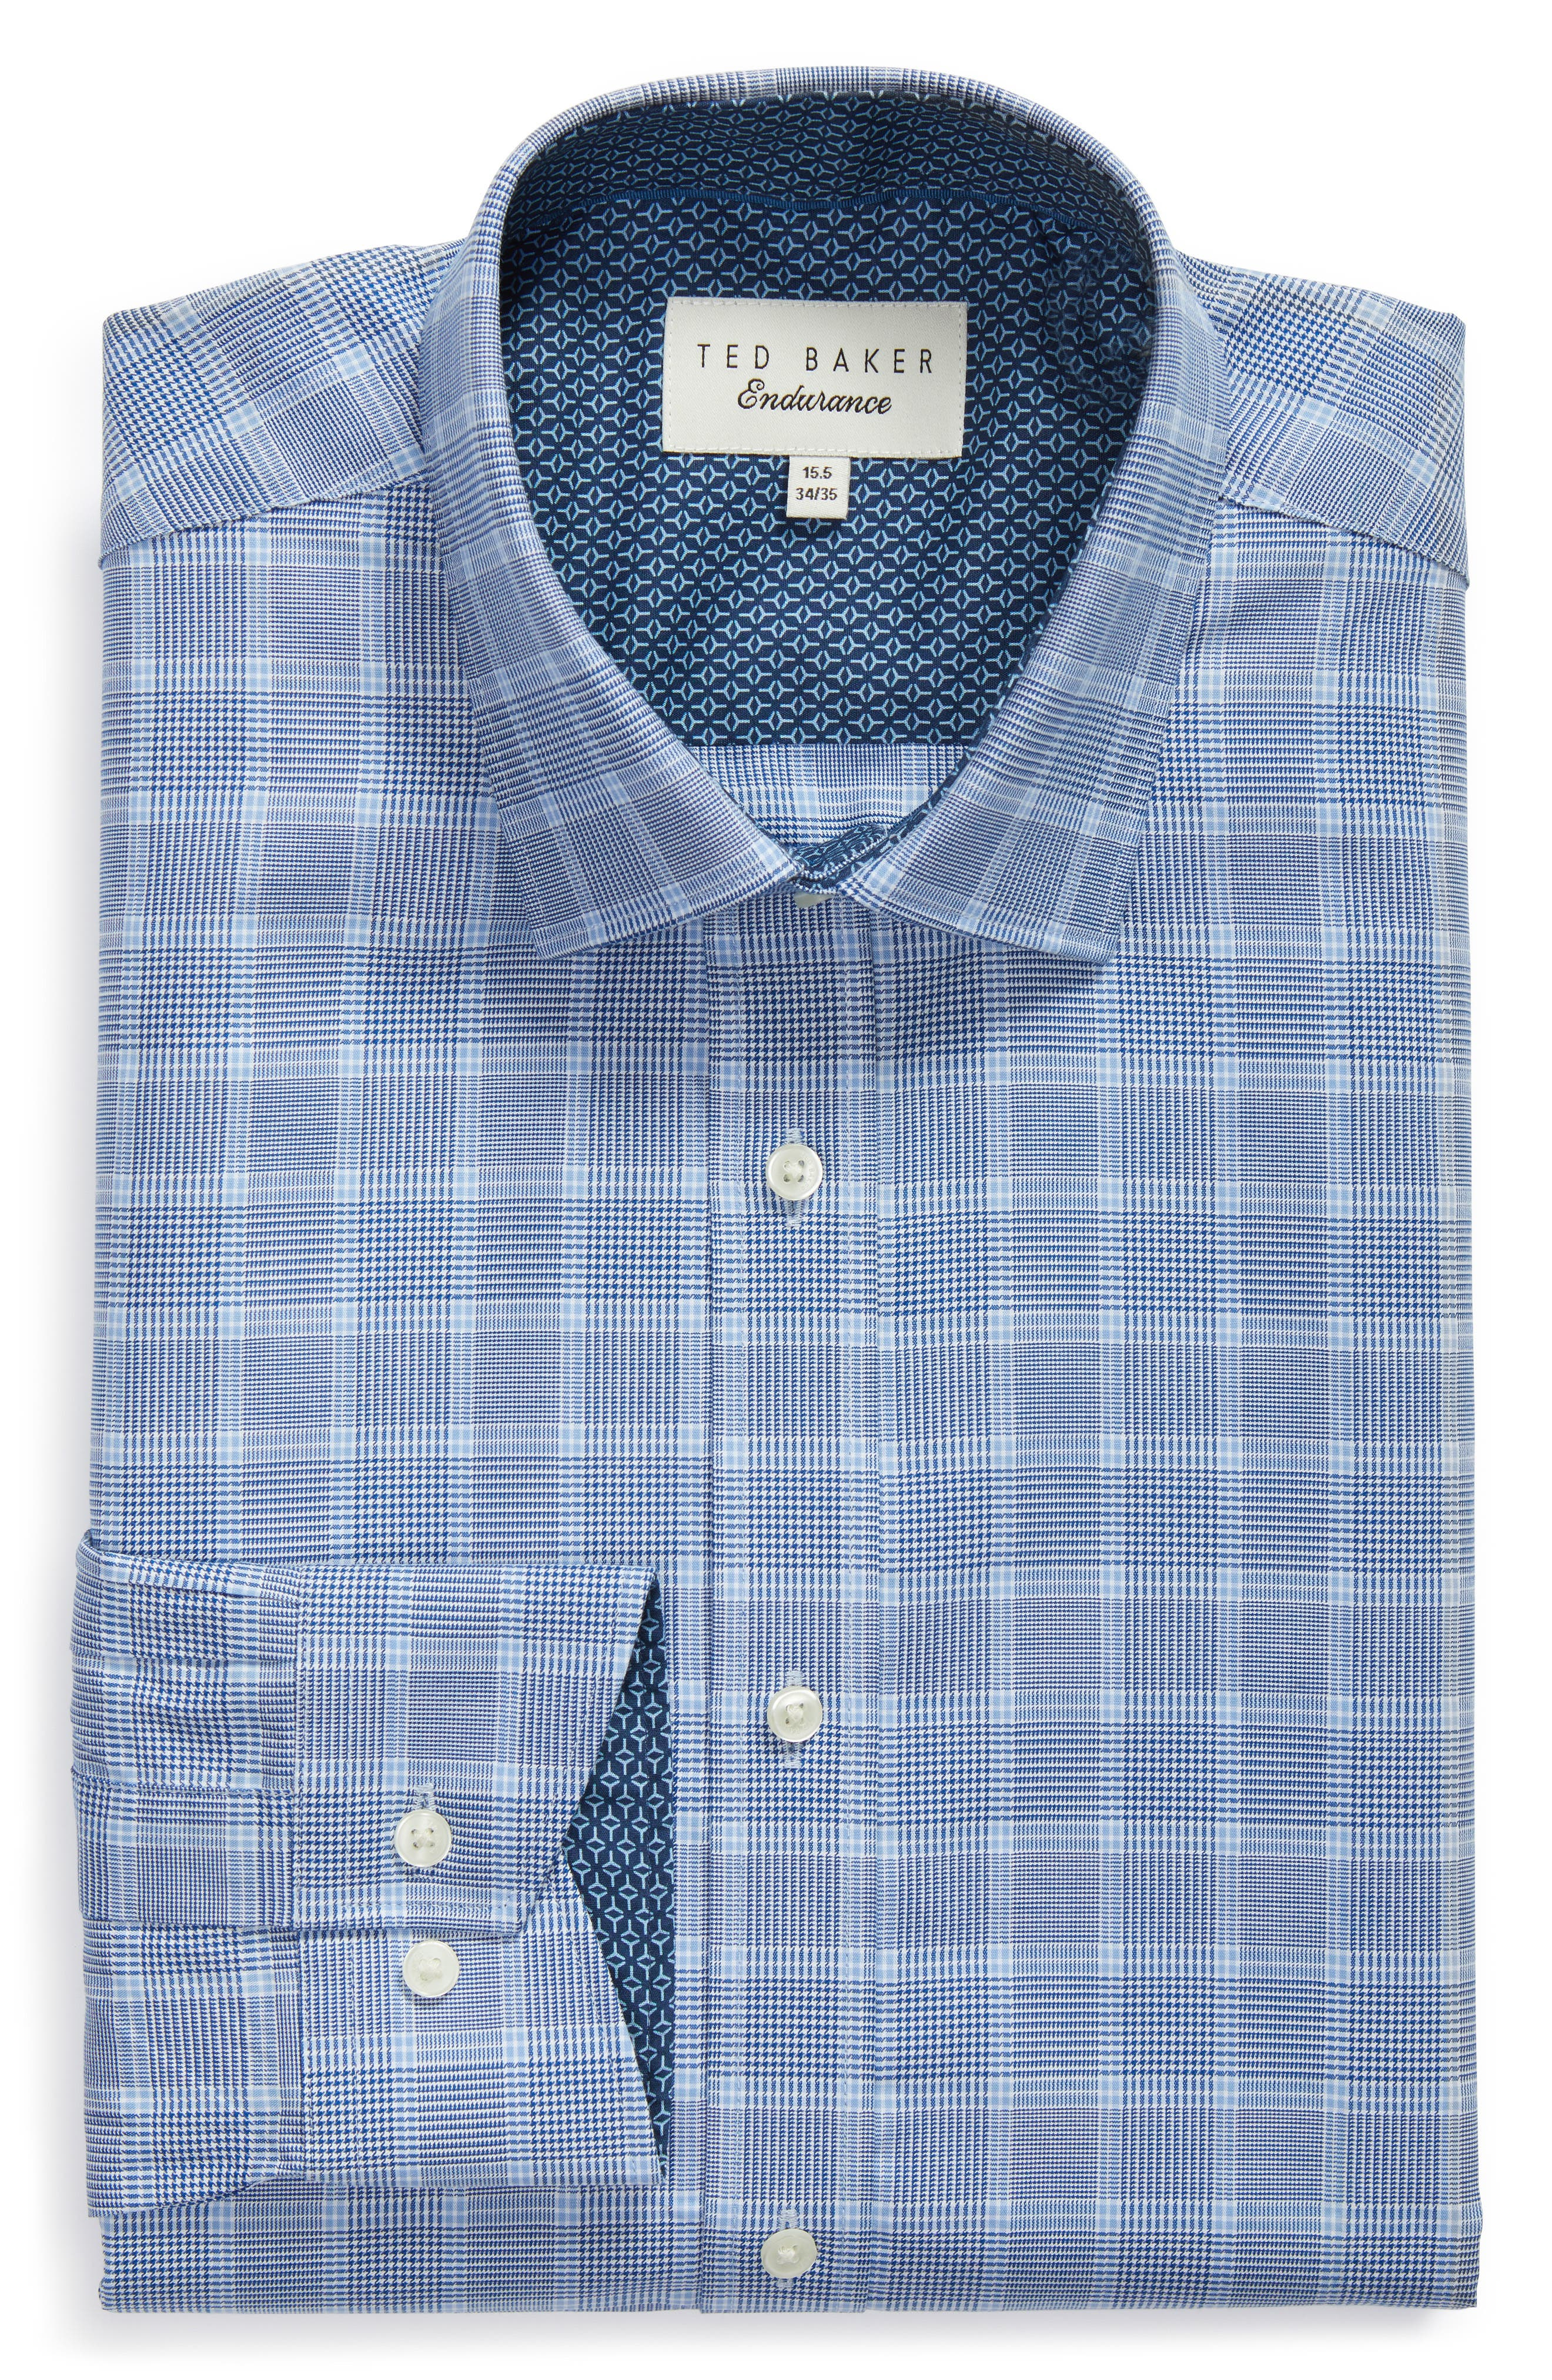 Royaltt Trim Fit Plaid Dress Shirt,                             Alternate thumbnail 5, color,                             NAVY